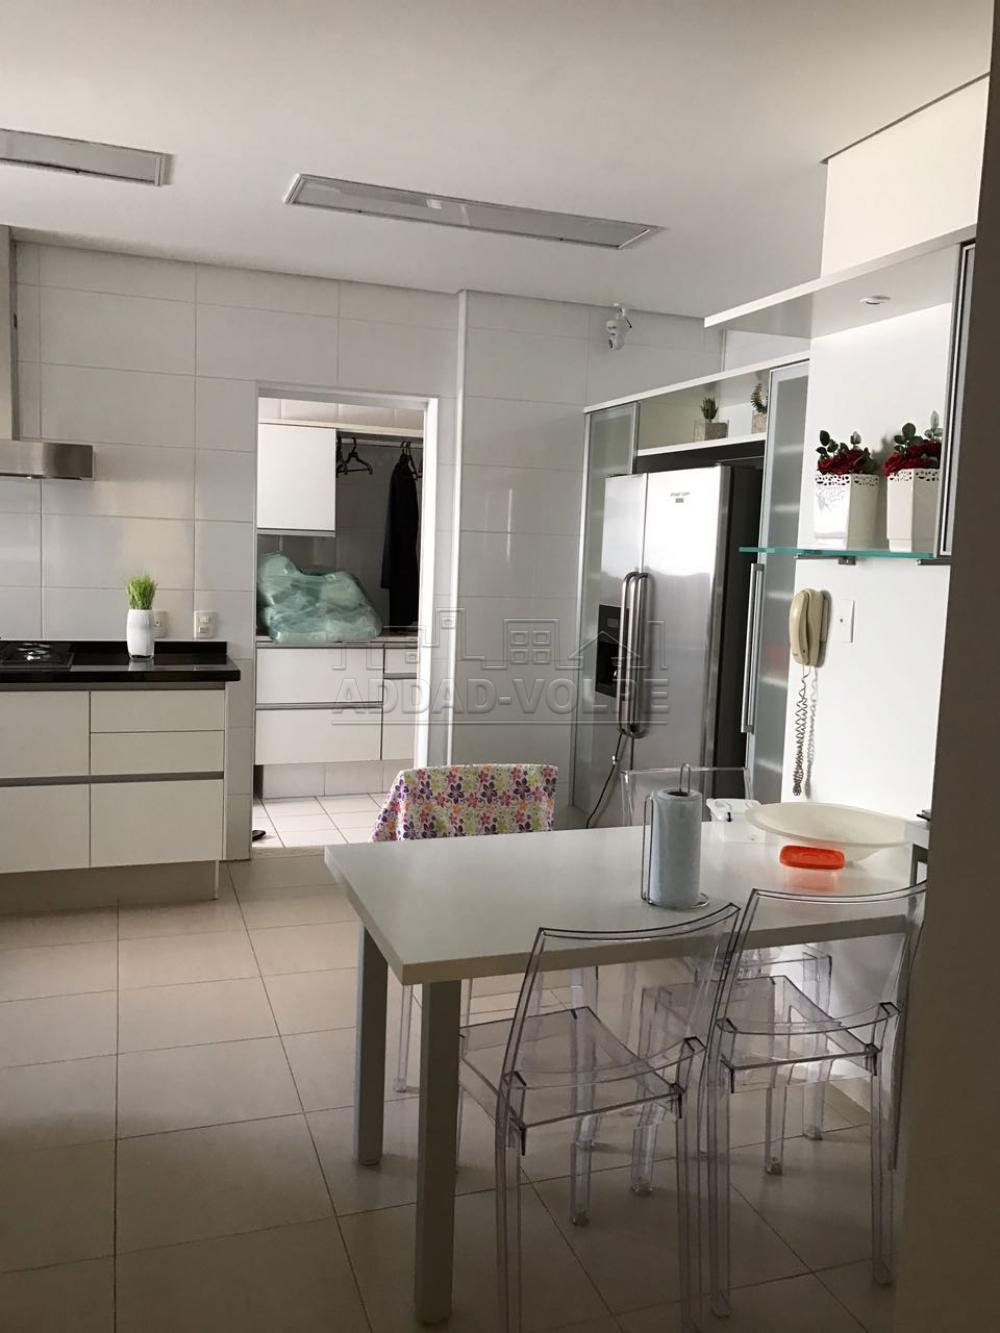 Alugar Apartamento / Padrão em Bauru apenas R$ 3.500,00 - Foto 6